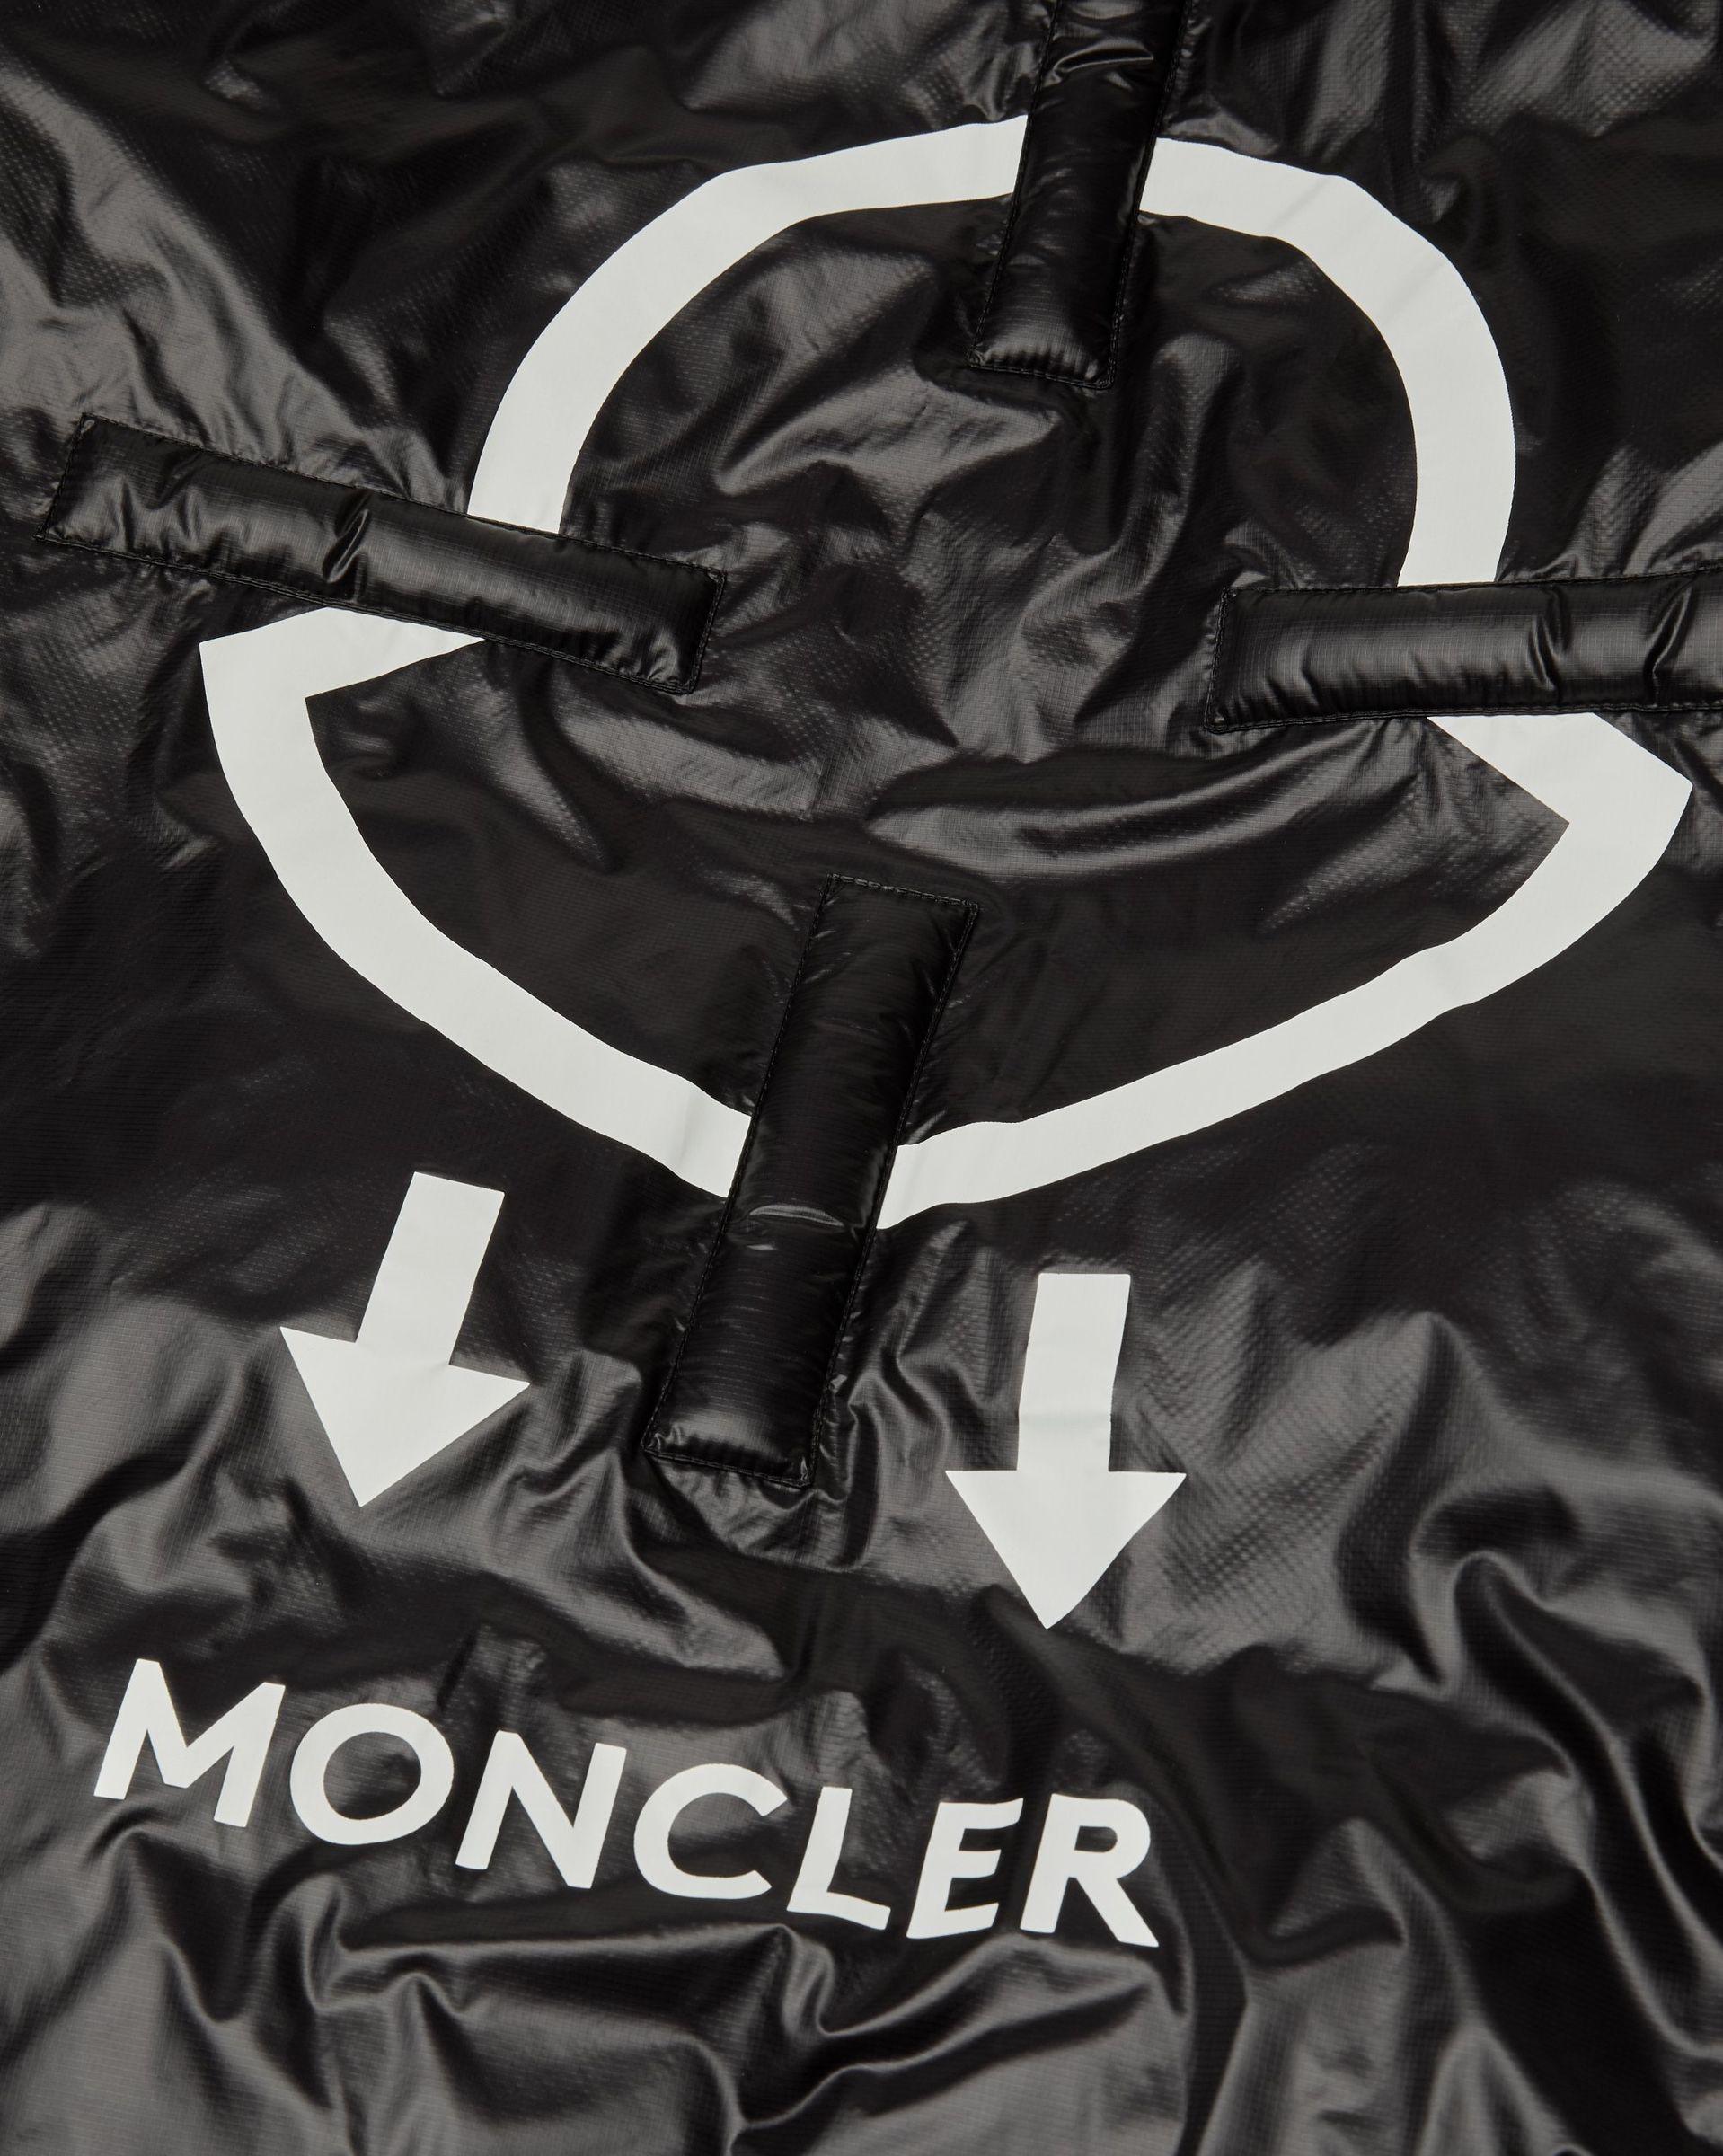 5 Moncler Craig Green - Tresheroy Jacket Black - Image 3